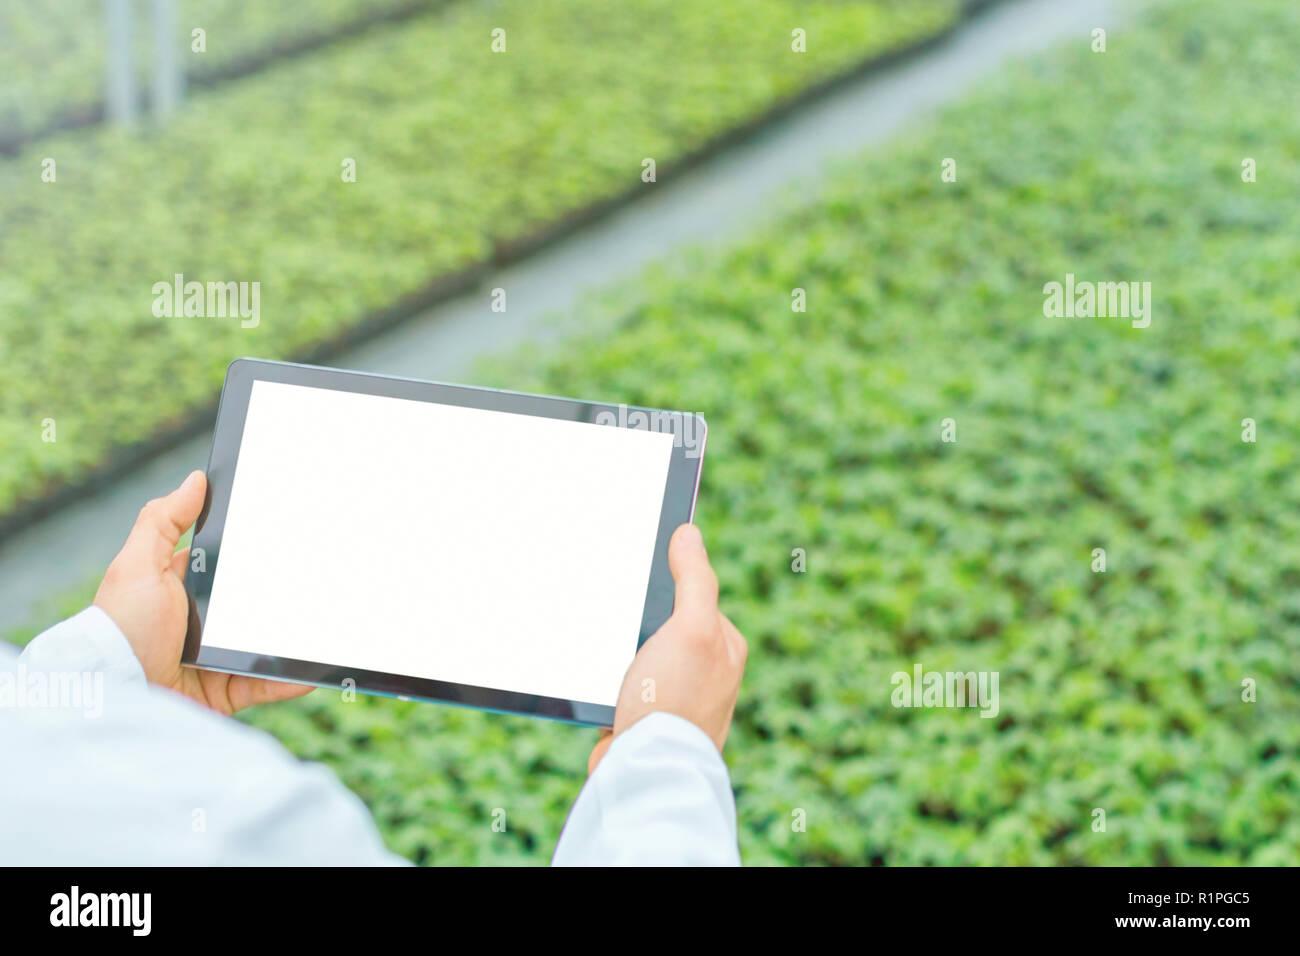 Ingeniero de biotecnología manos con tablet. Gases de fondo. Imagen De Stock